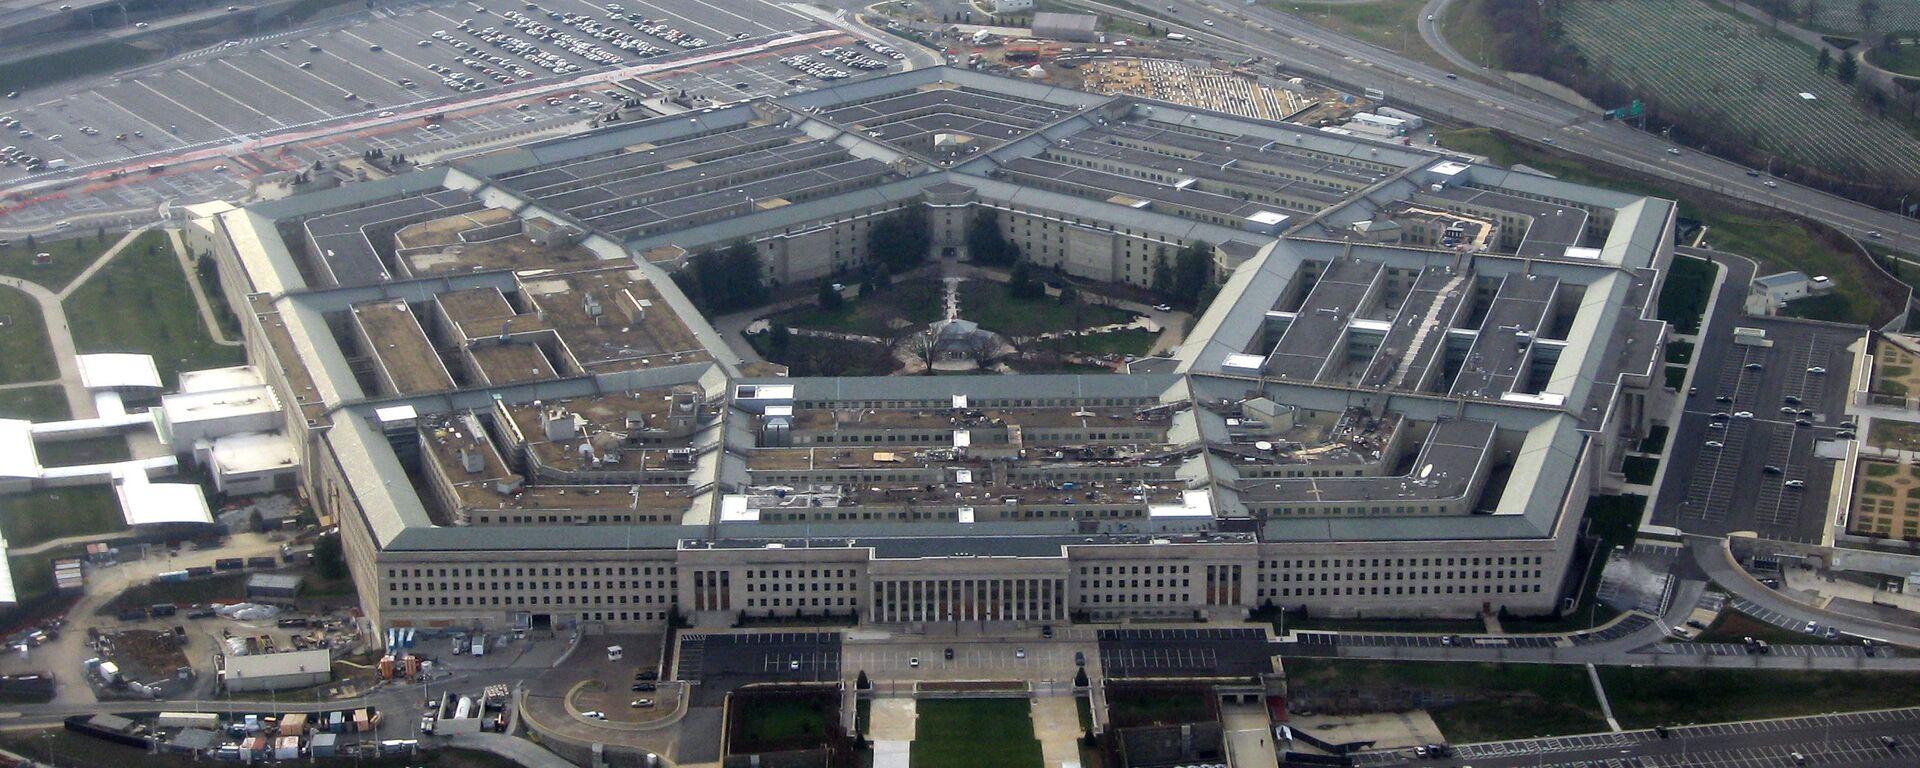 Pentágono, el Departamento de Defensa de EEUU - Sputnik Mundo, 1920, 06.02.2021